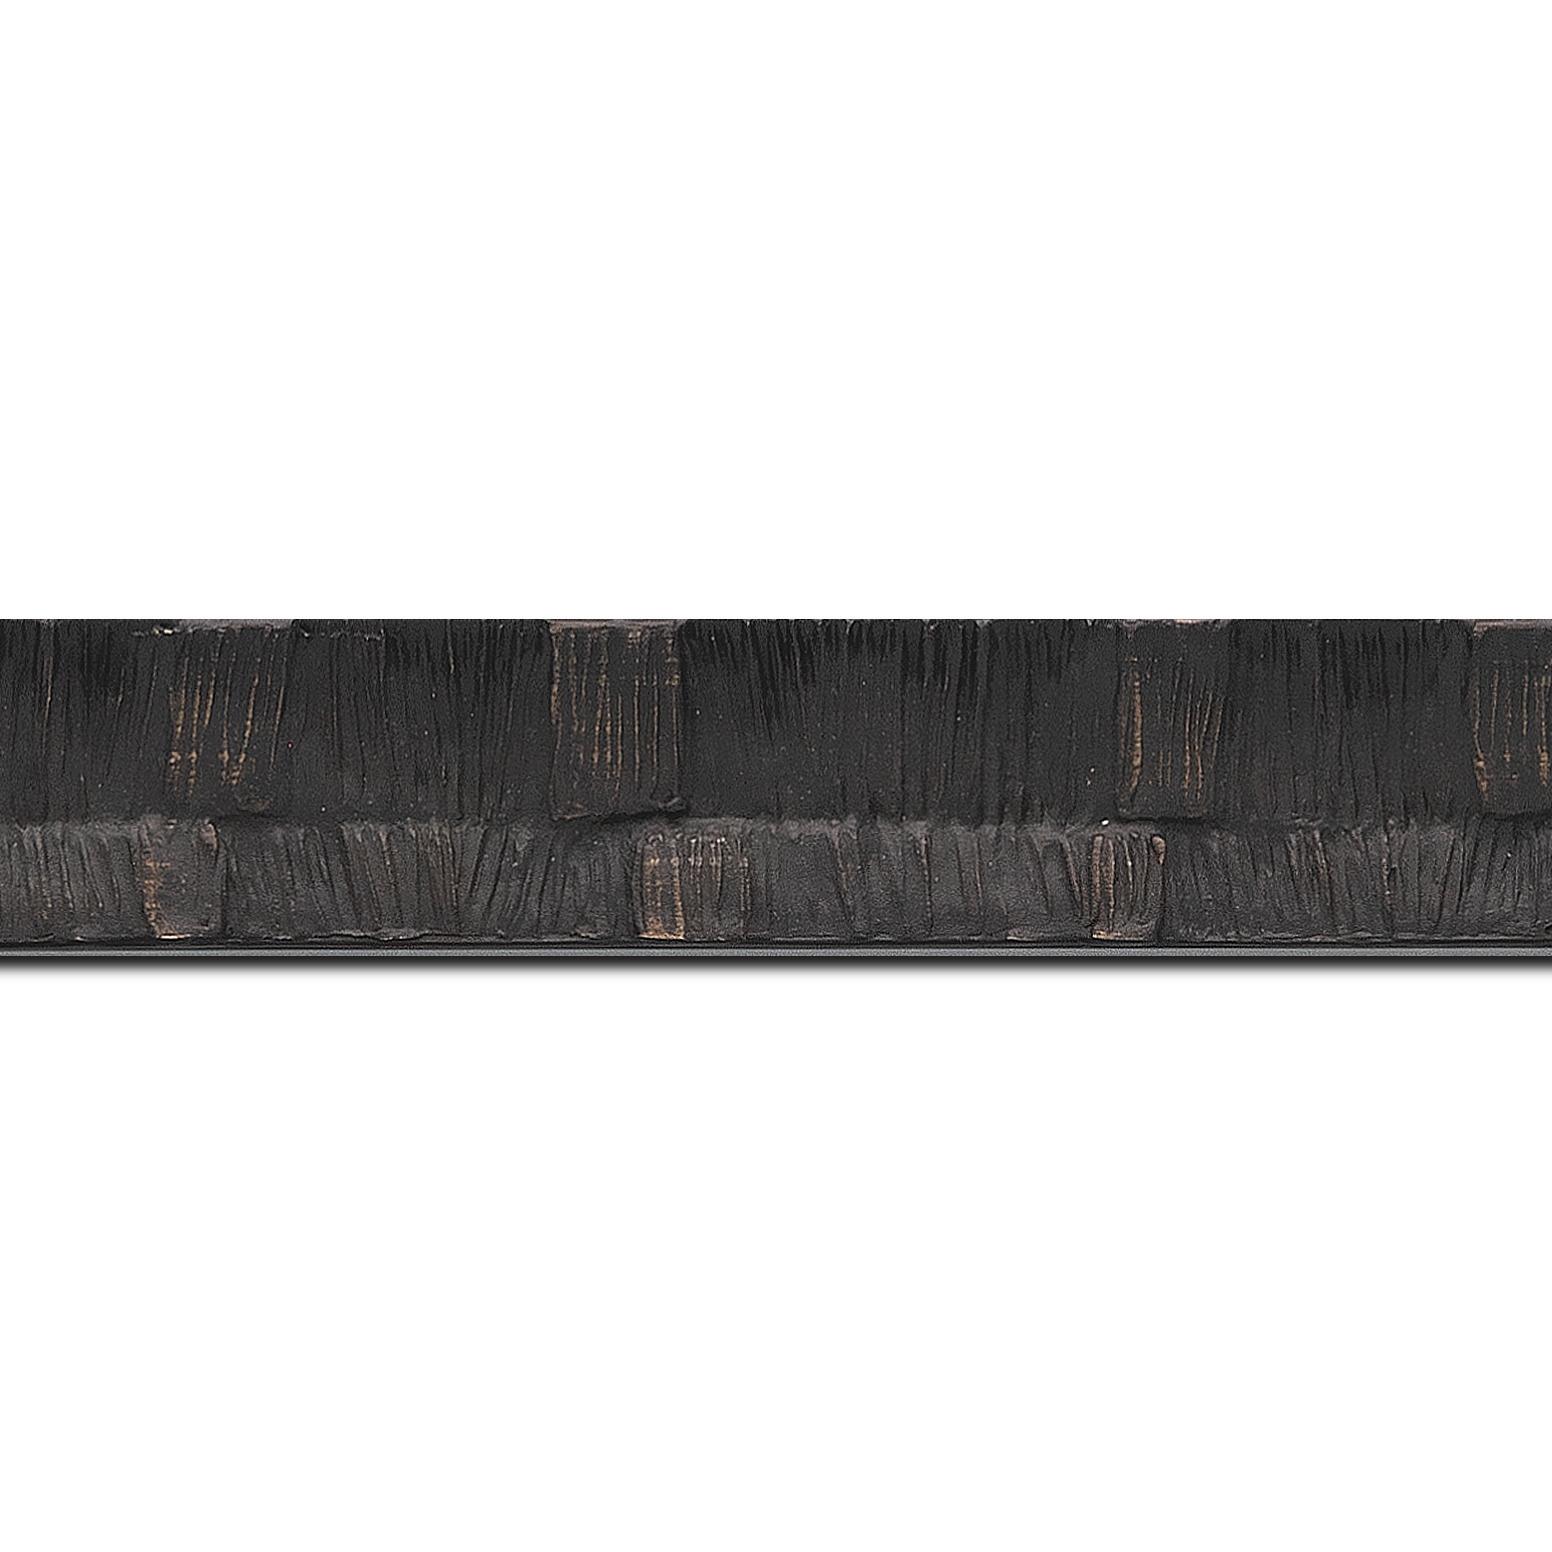 Pack par 12m, bois profil incurvé largeur 3cm  couleur noir ébène finition ethnique (longueur baguette pouvant varier entre 2.40m et 3m selon arrivage des bois)